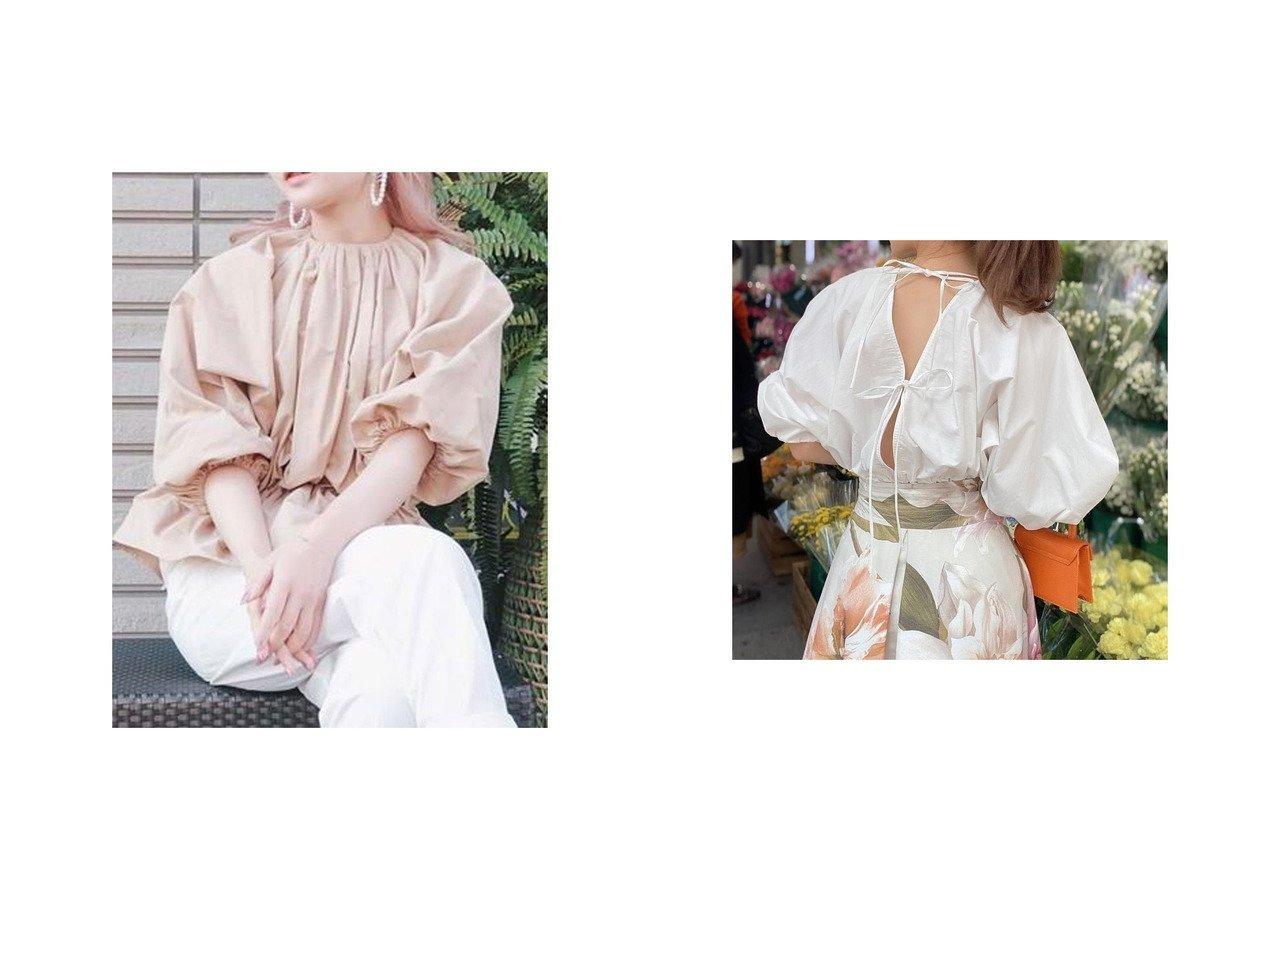 【eimy istoire/エイミーイストワール】のドルマンギャザーペプラムコットンブラウス 【トップス・カットソー】おすすめ!人気、トレンド・レディースファッションの通販 おすすめで人気の流行・トレンド、ファッションの通販商品 インテリア・家具・メンズファッション・キッズファッション・レディースファッション・服の通販 founy(ファニー) https://founy.com/ ファッション Fashion レディースファッション WOMEN トップス・カットソー Tops/Tshirt シャツ/ブラウス Shirts/Blouses おすすめ Recommend セットアップ トレンド ペプラム |ID:crp329100000045326